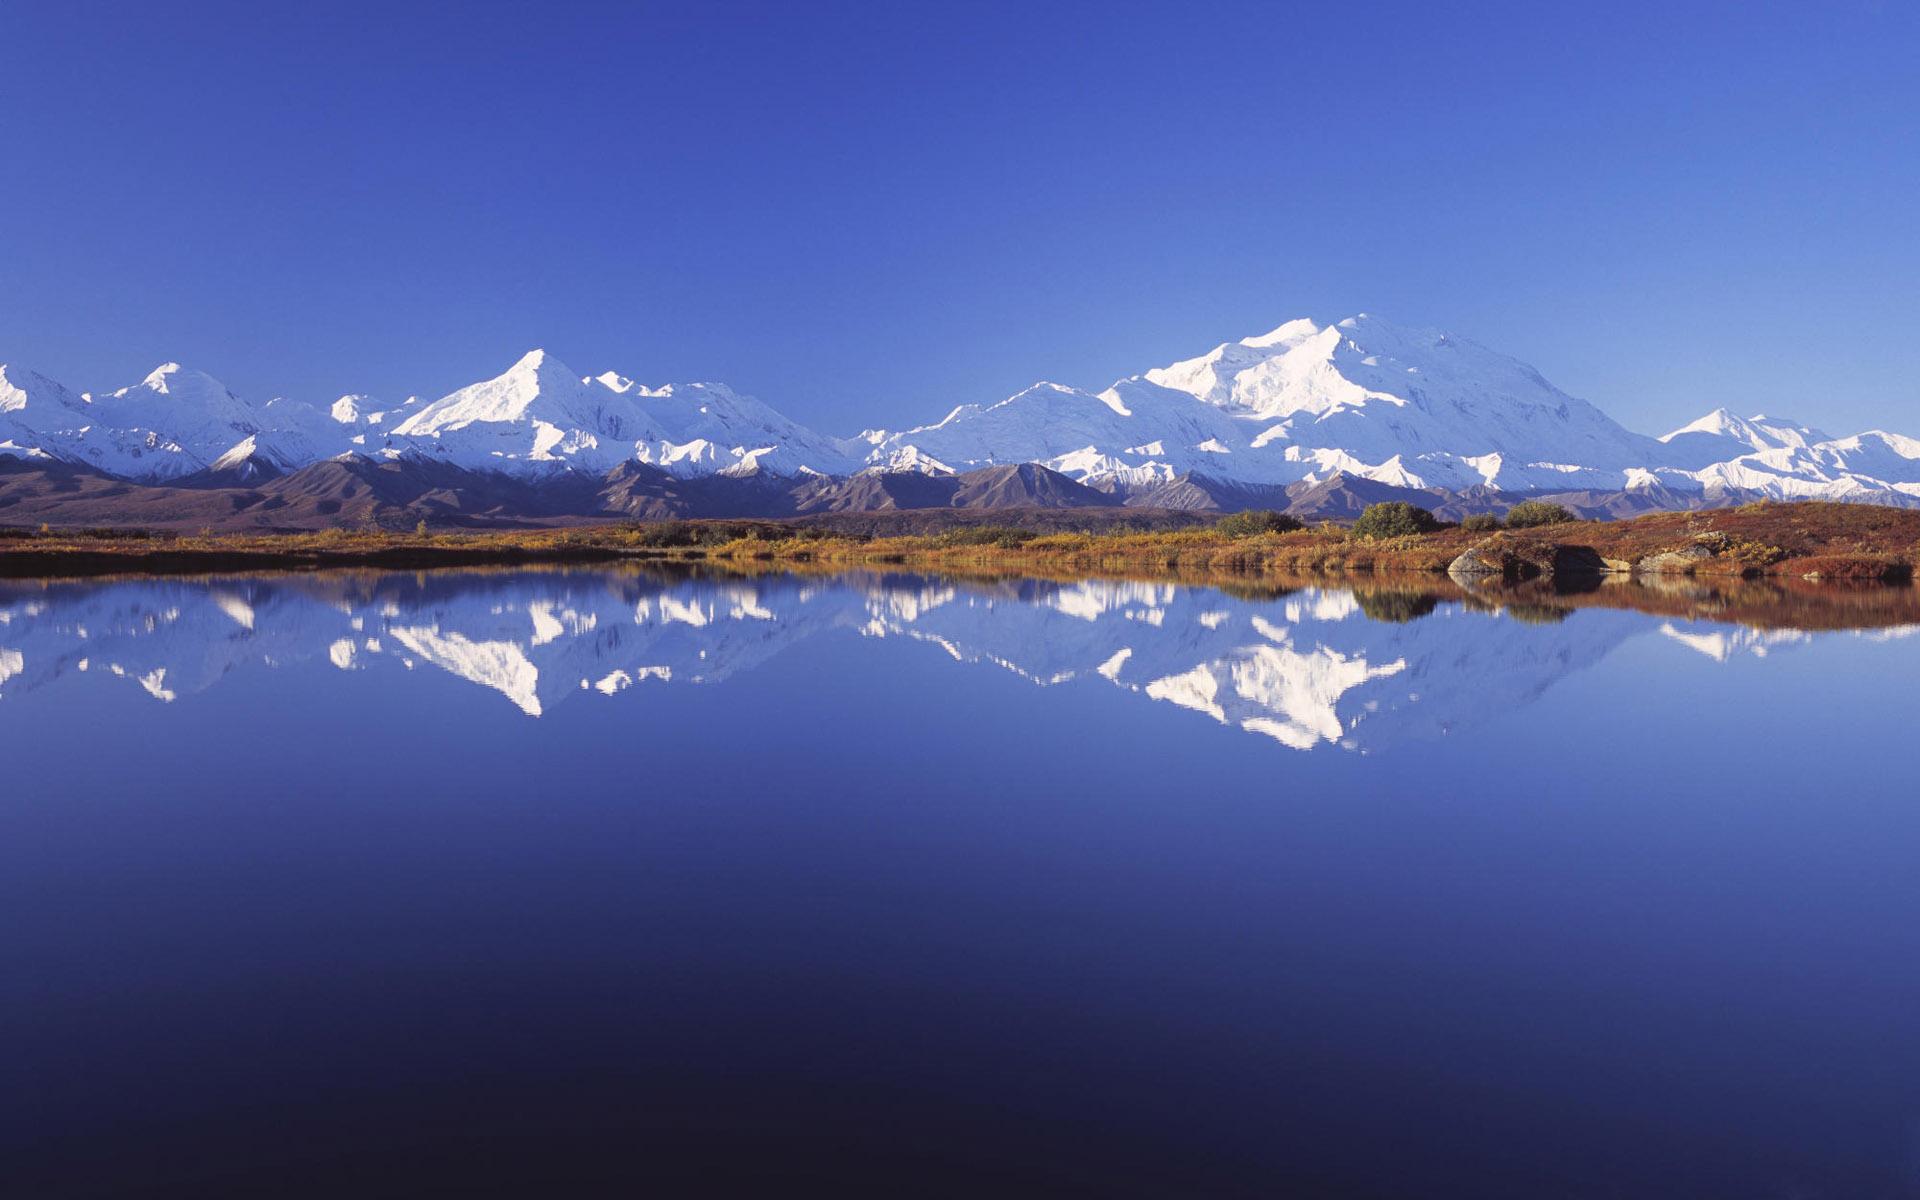 美国阿拉斯加的美丽湖光山色 - 浪子心声 - 浪子心声